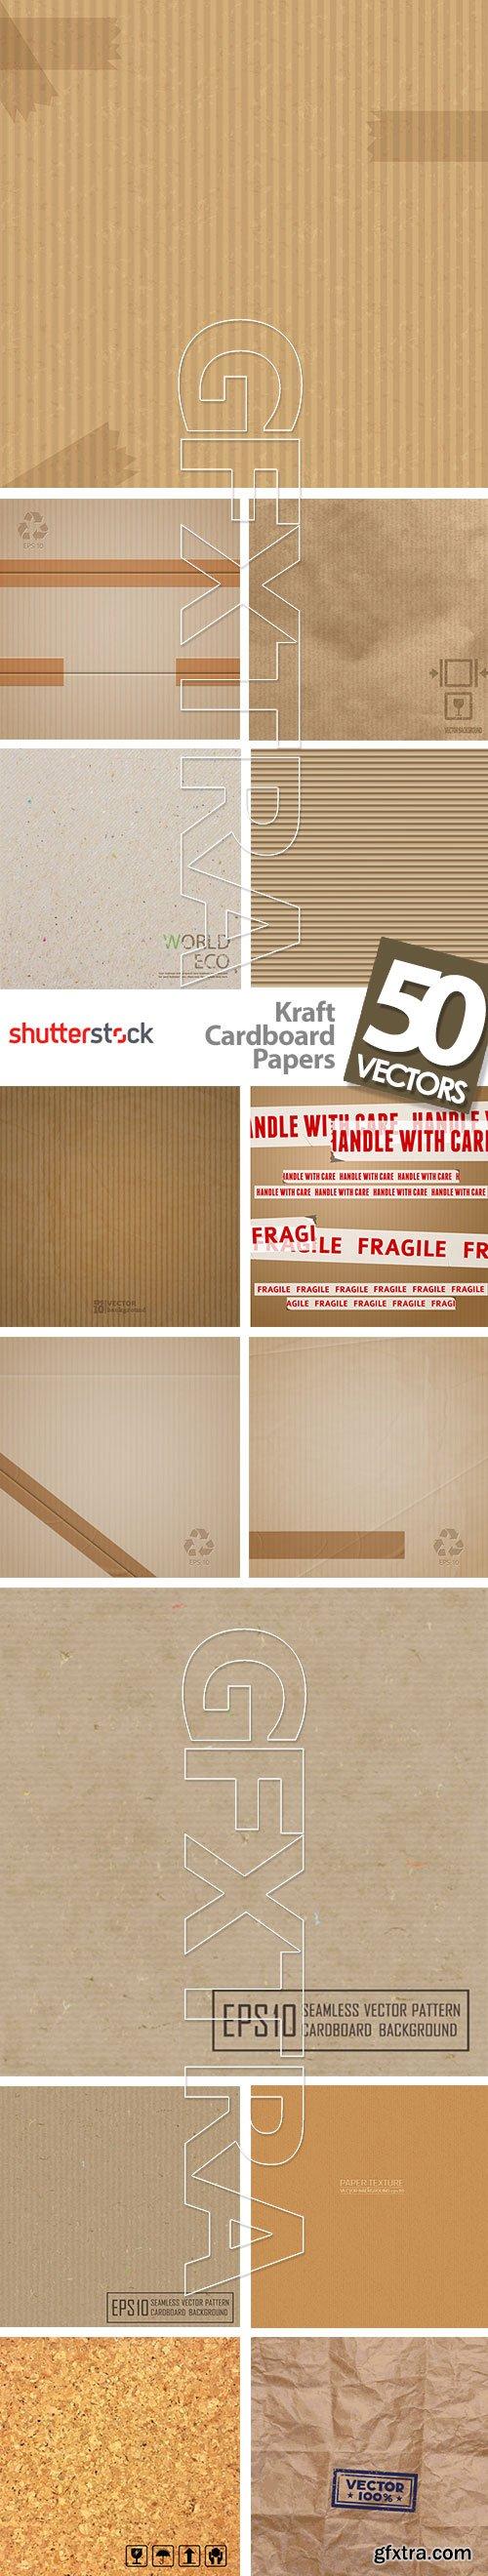 Kraft Cardboard Papers 50xEPS